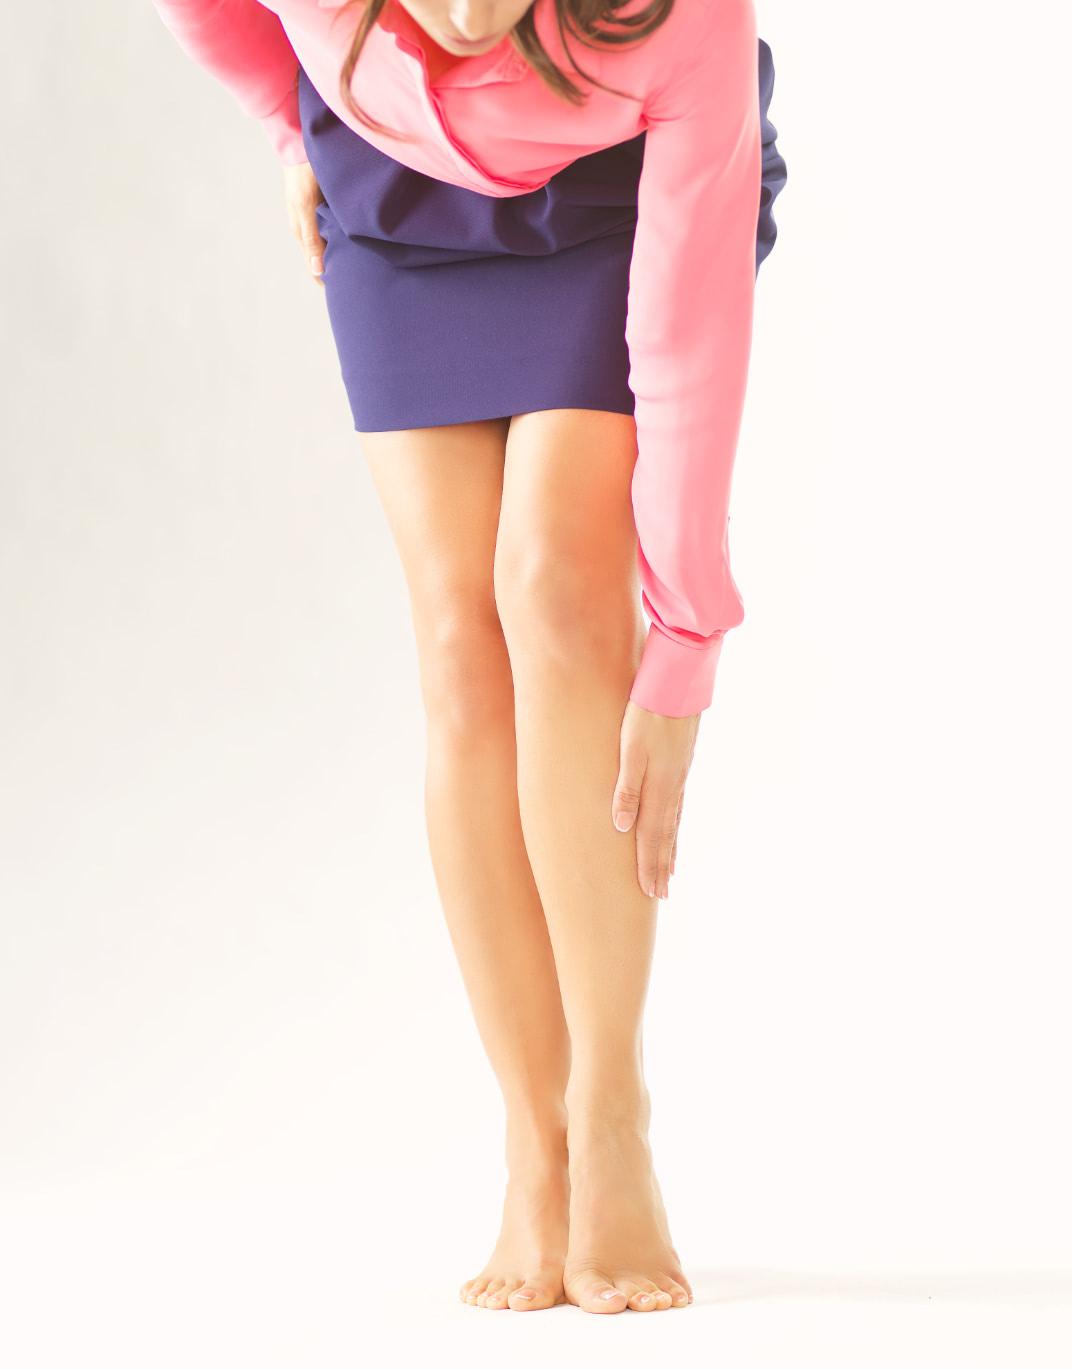 Bild für den Website Relaunch Lioton von der Healthcare Werbeagentur mcs mit einer Frau, die sich an die Wade fässt